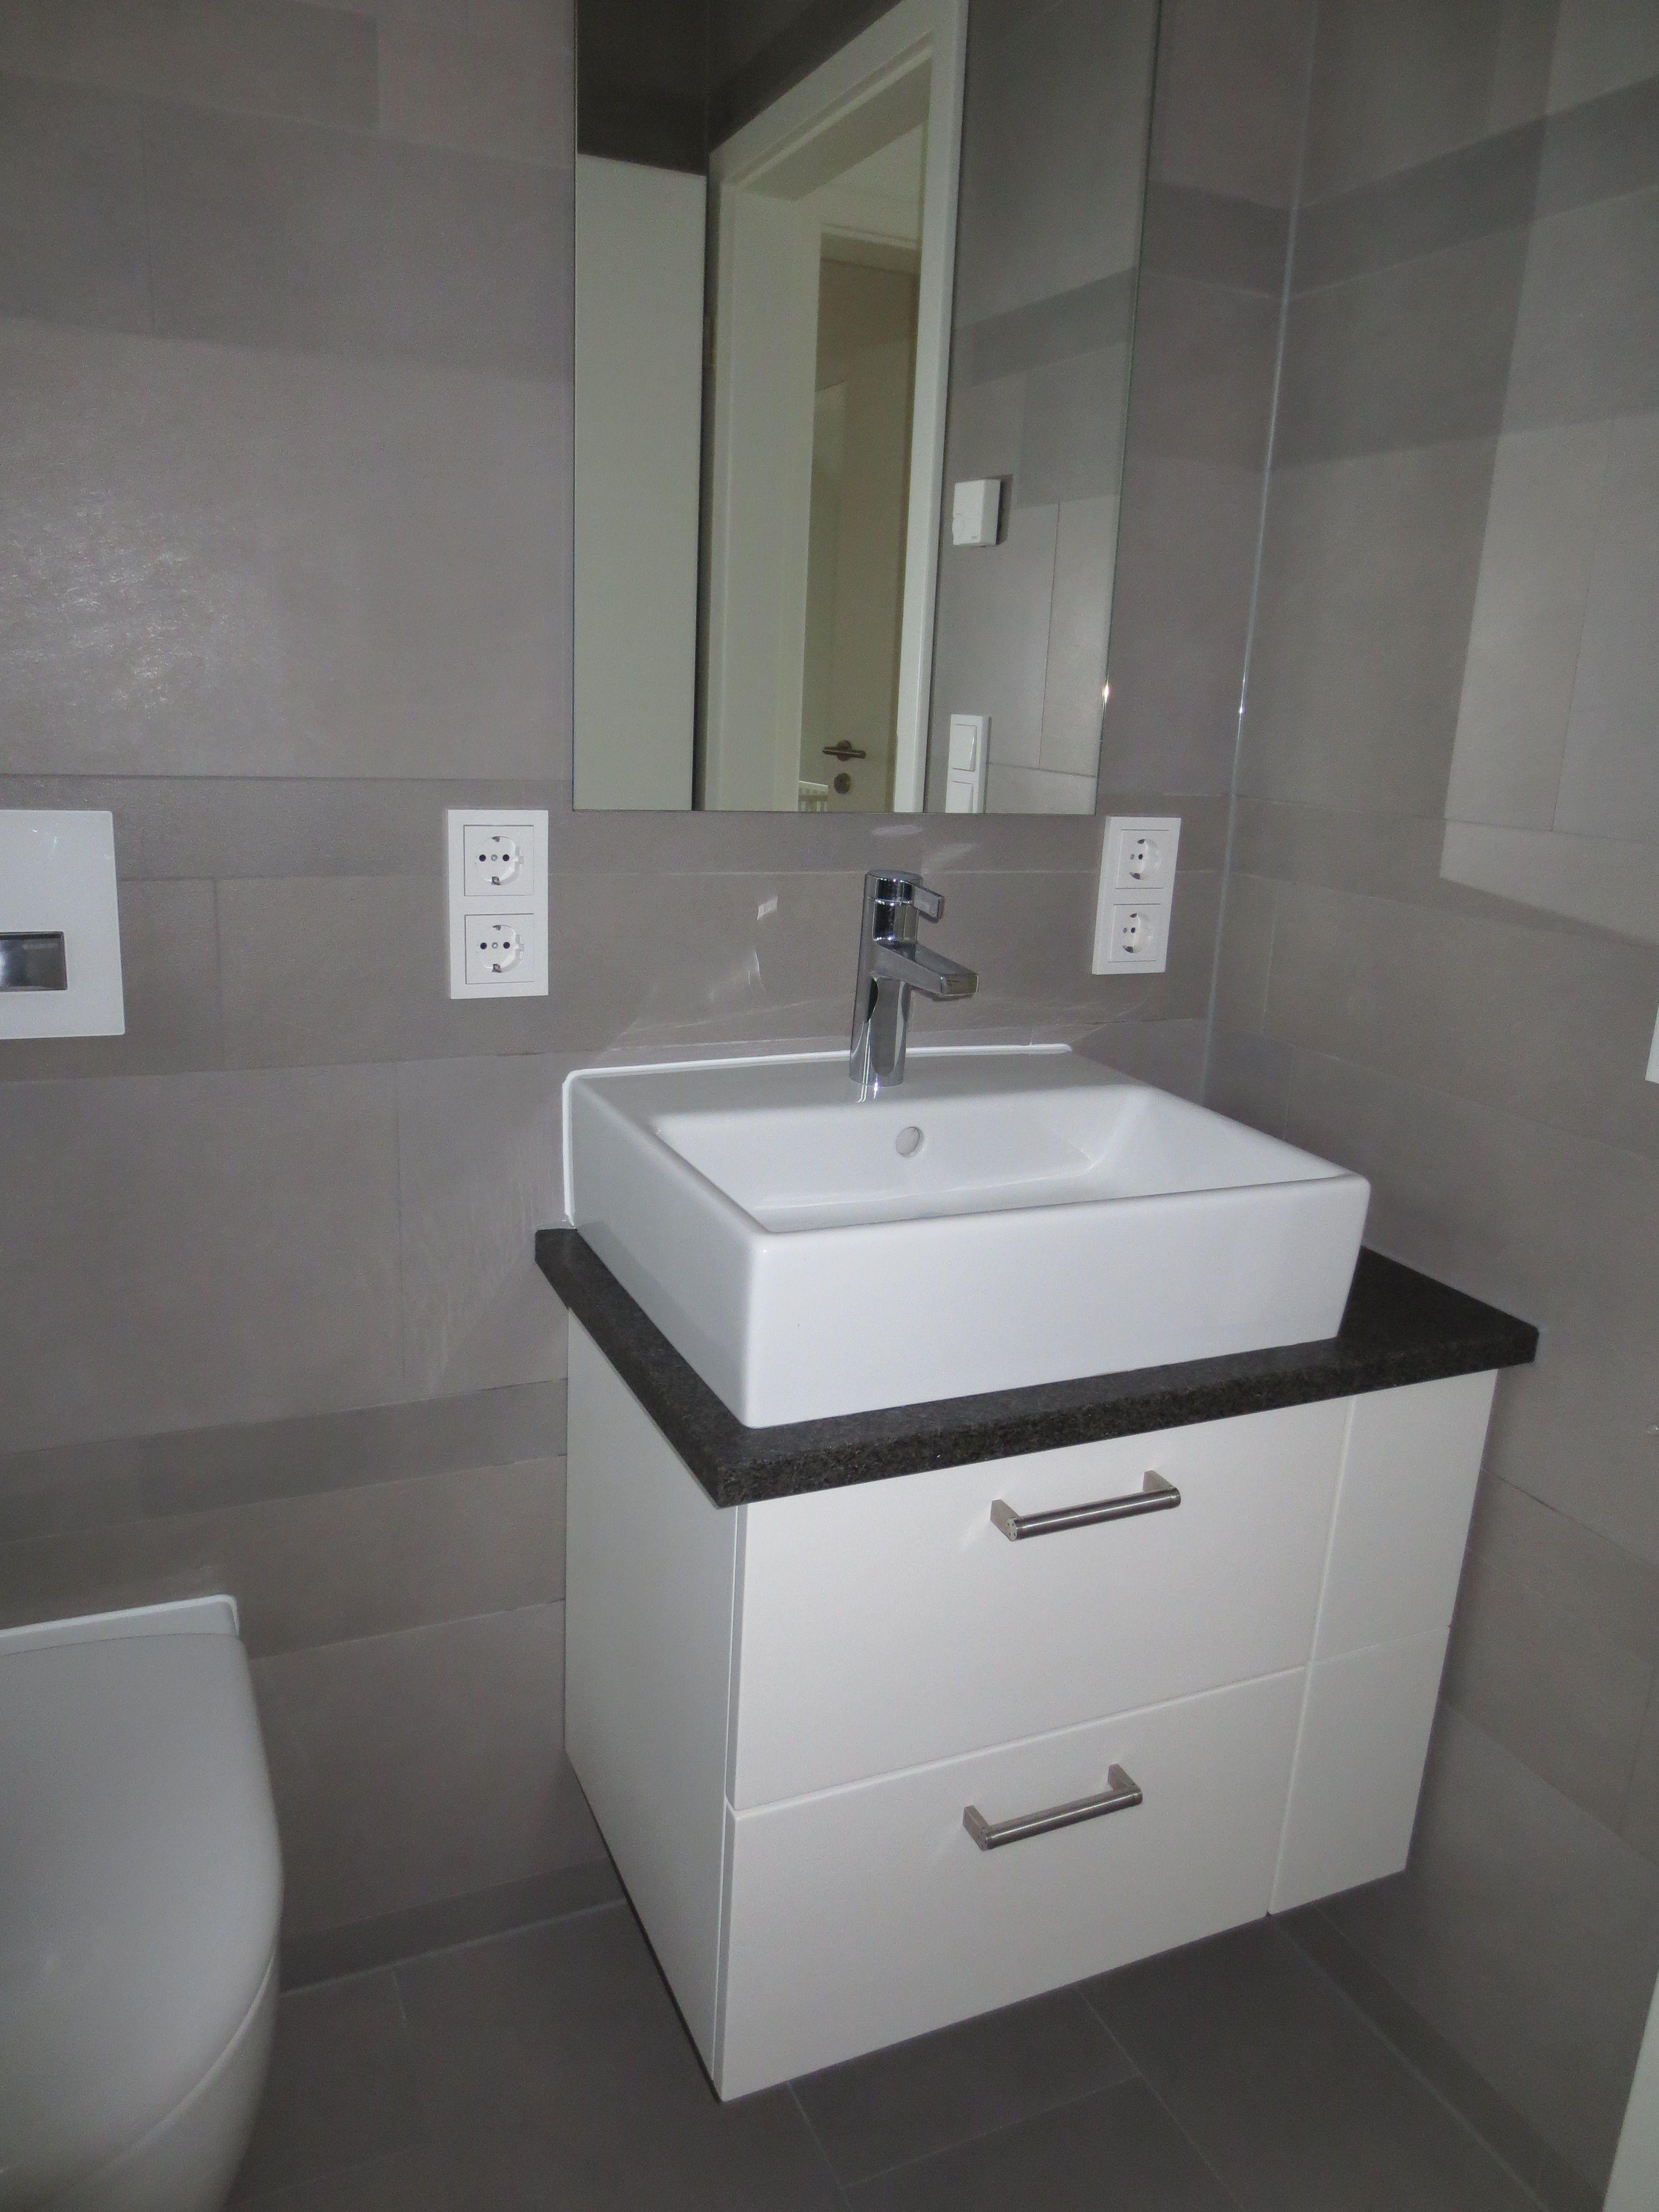 Waschtisch Mit Steinplatte waschtisch in weiß lackiert mit steinplatte l s bäder